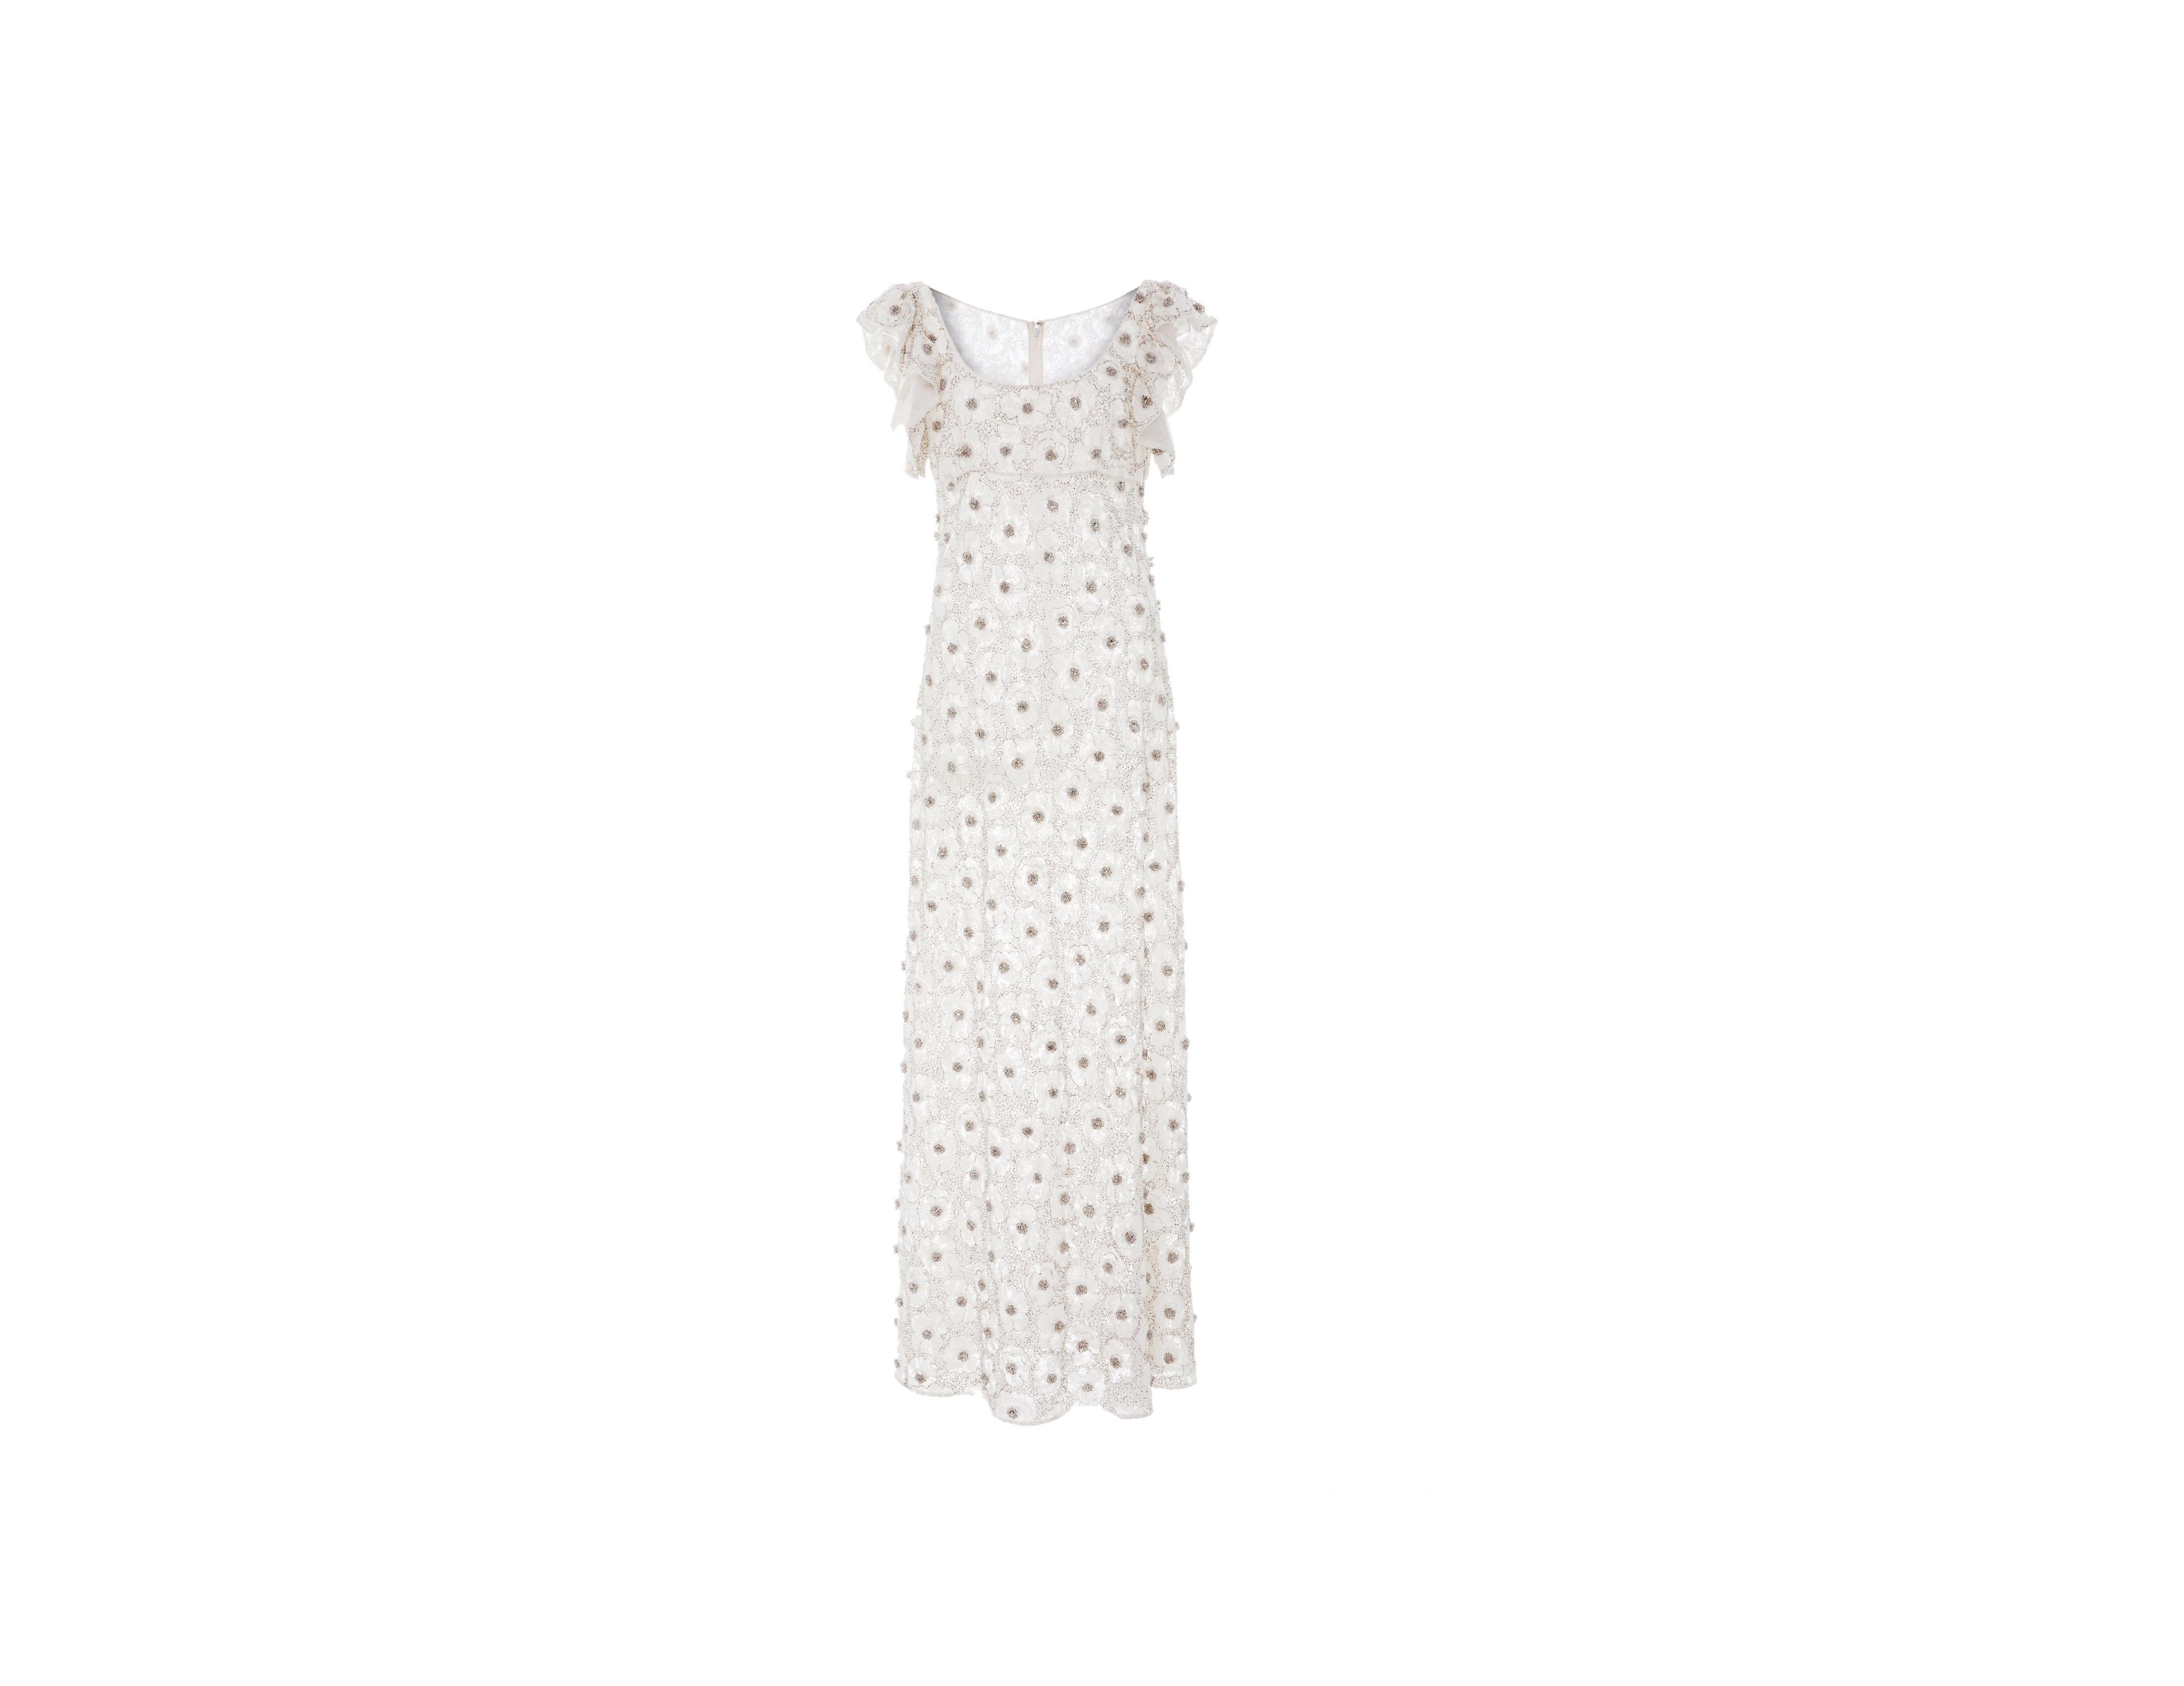 brock collection denali dress